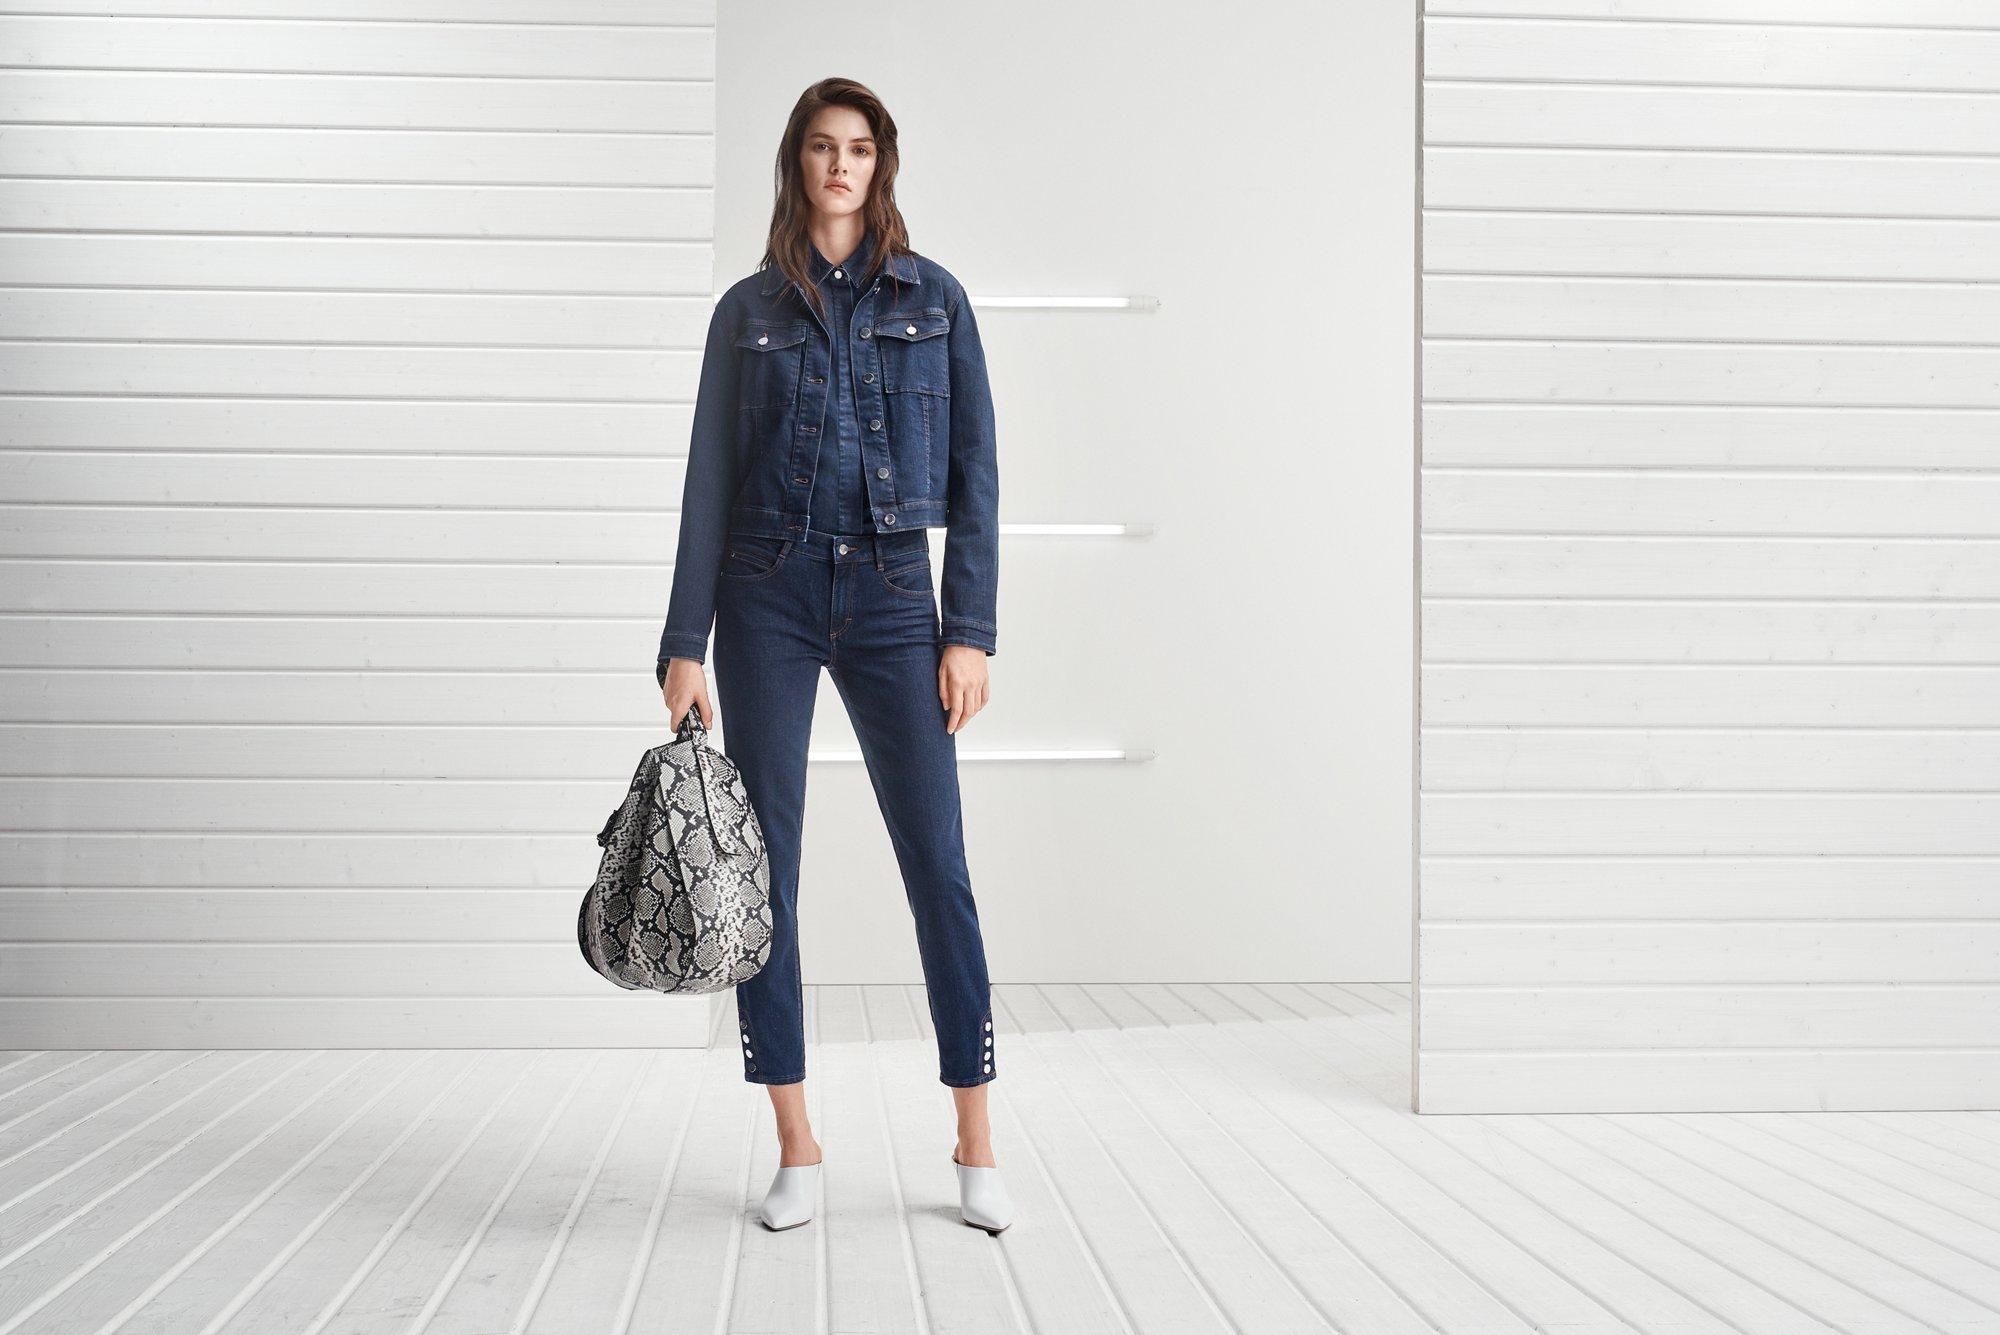 2018年春夏新系列<br/><br/>模特Romee Strijd用最随性的方式,演绎BOSS新一季女装。活力十足的海鸥印花,赋予休闲日装新活力